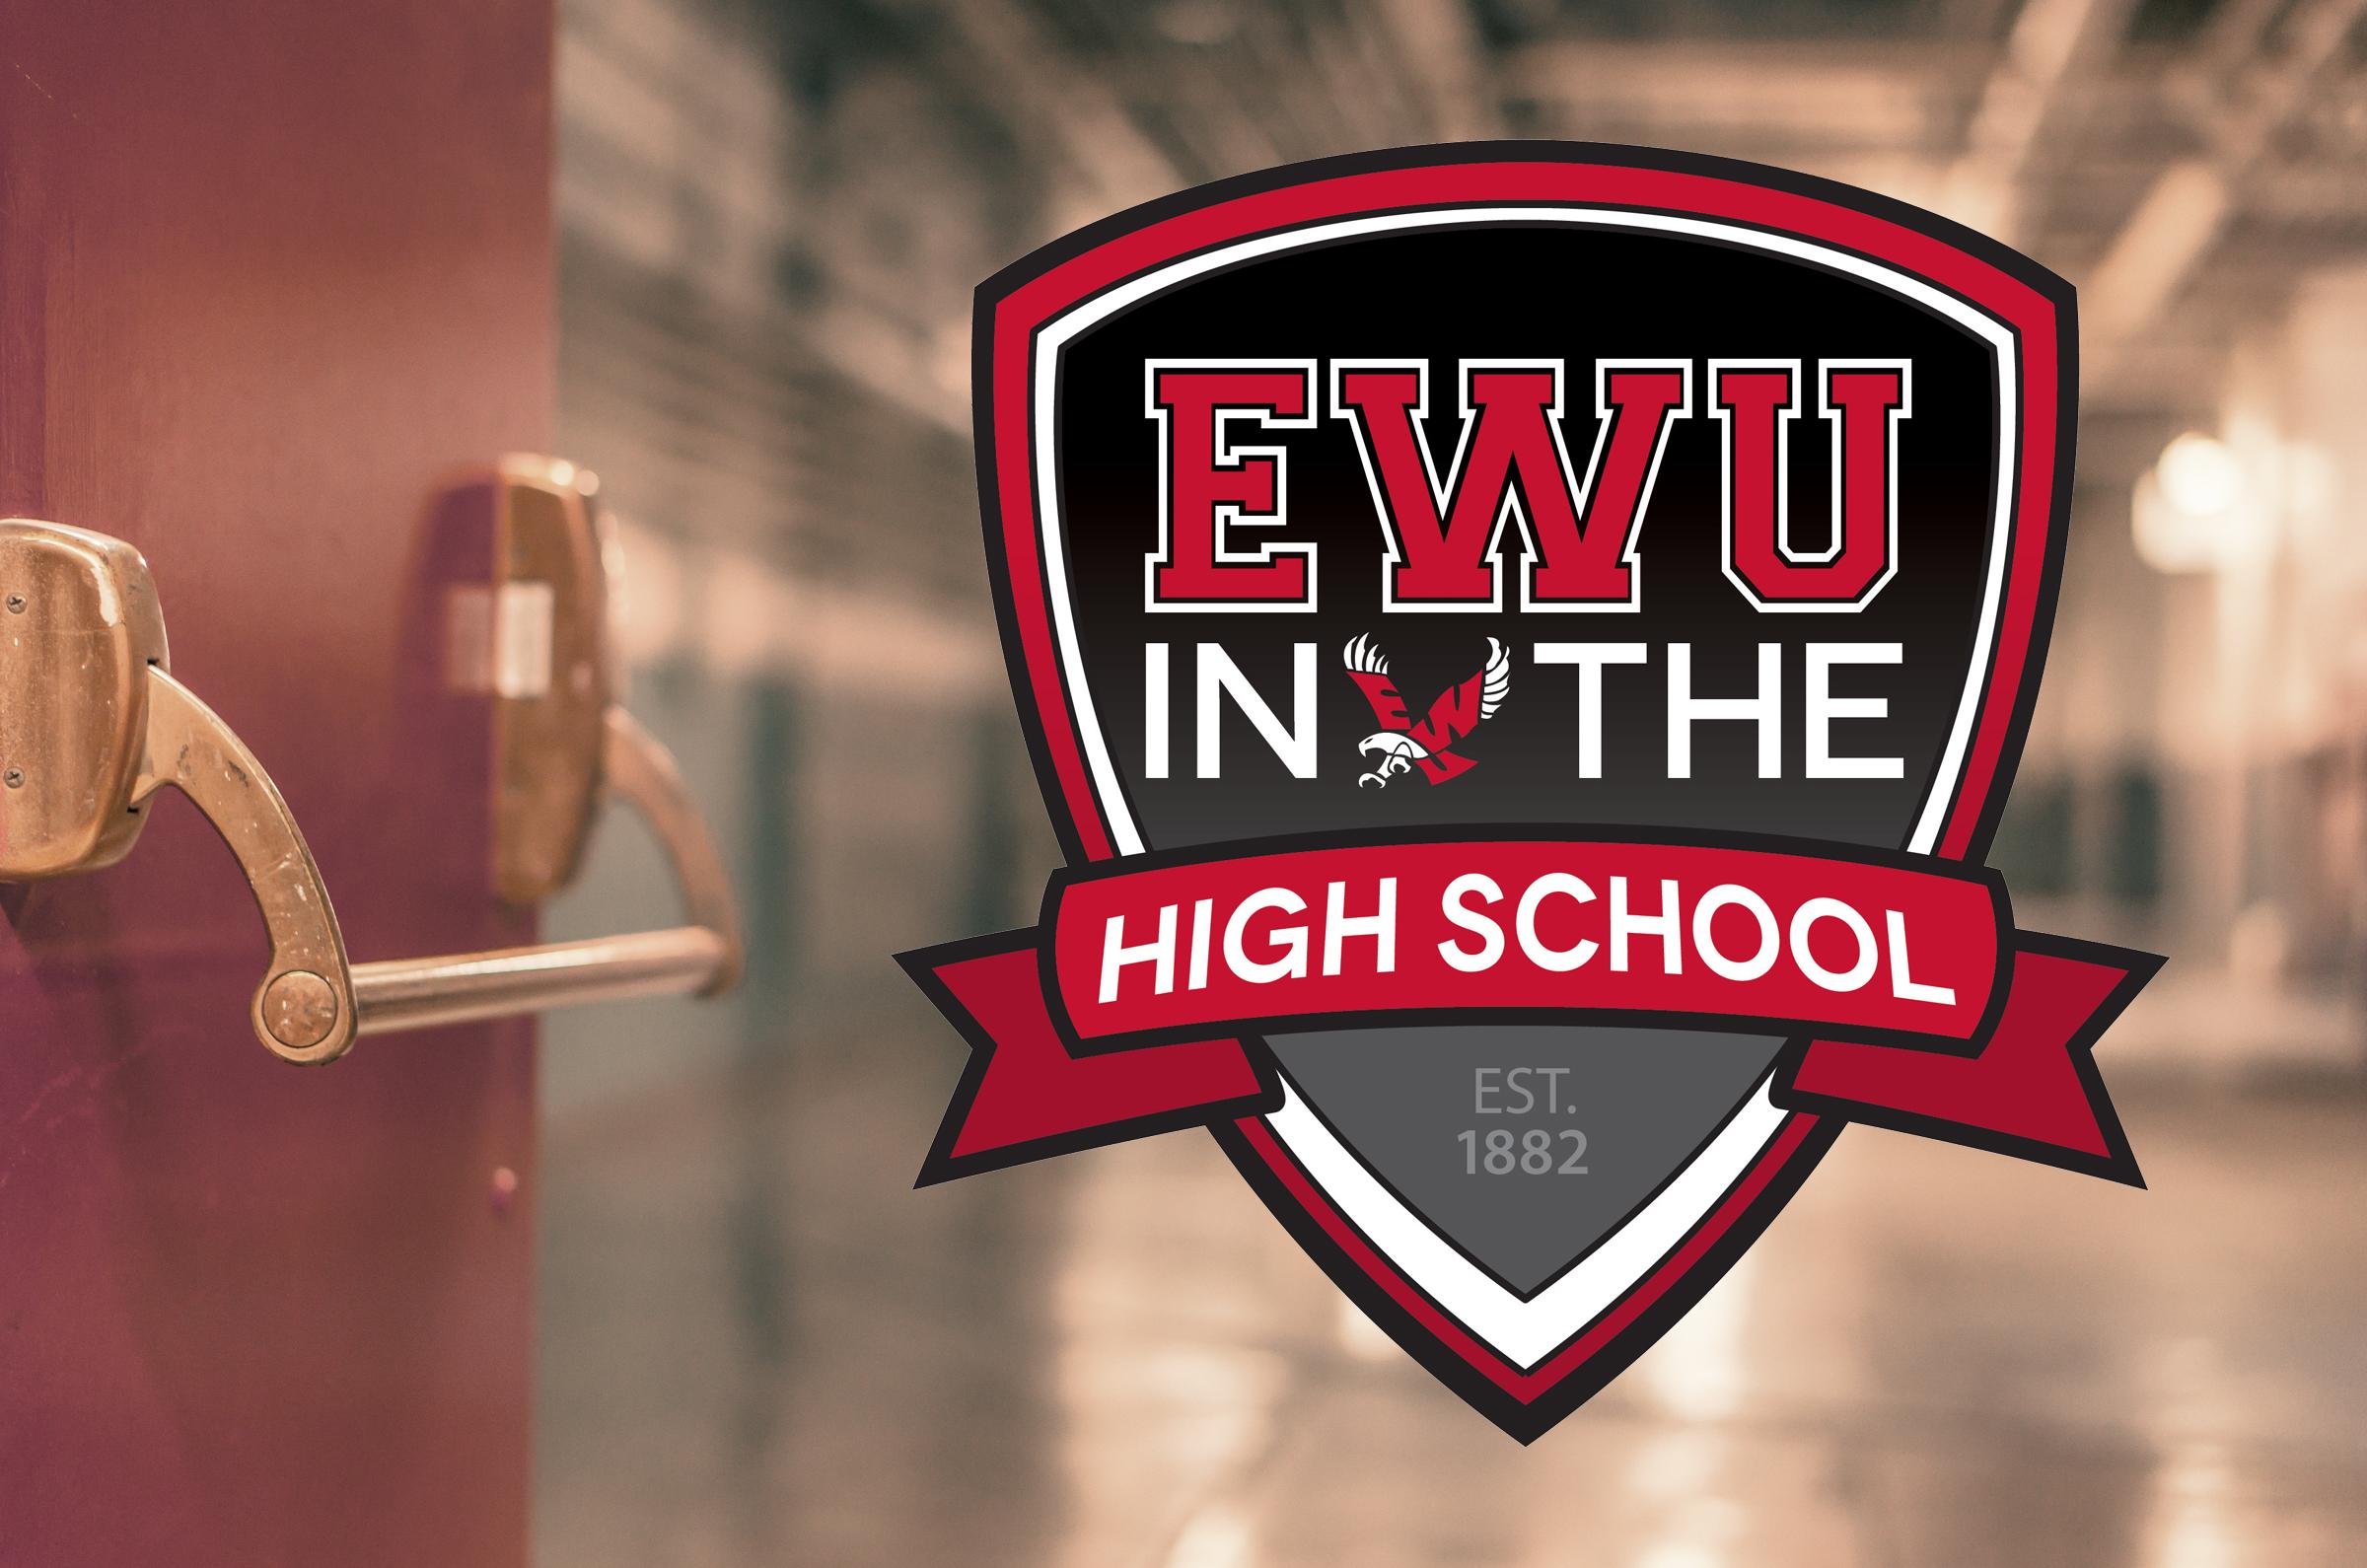 EWU in the High School